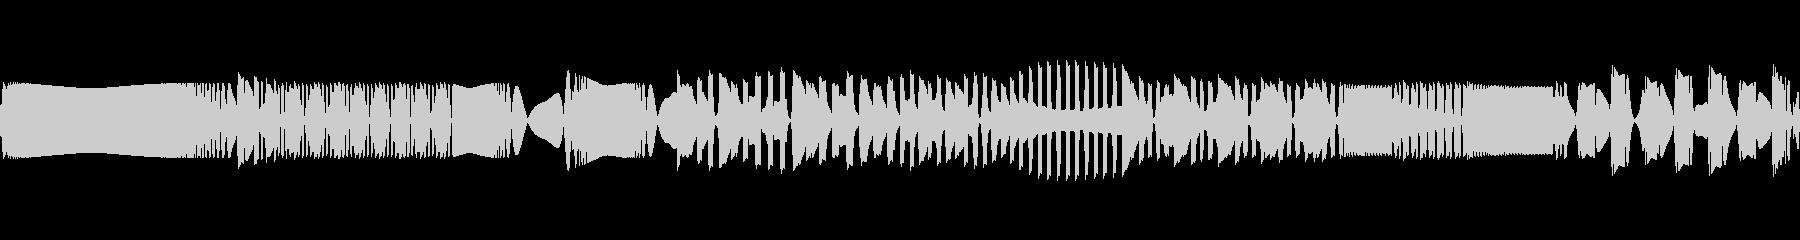 エレクトロ着信メッセージの未再生の波形